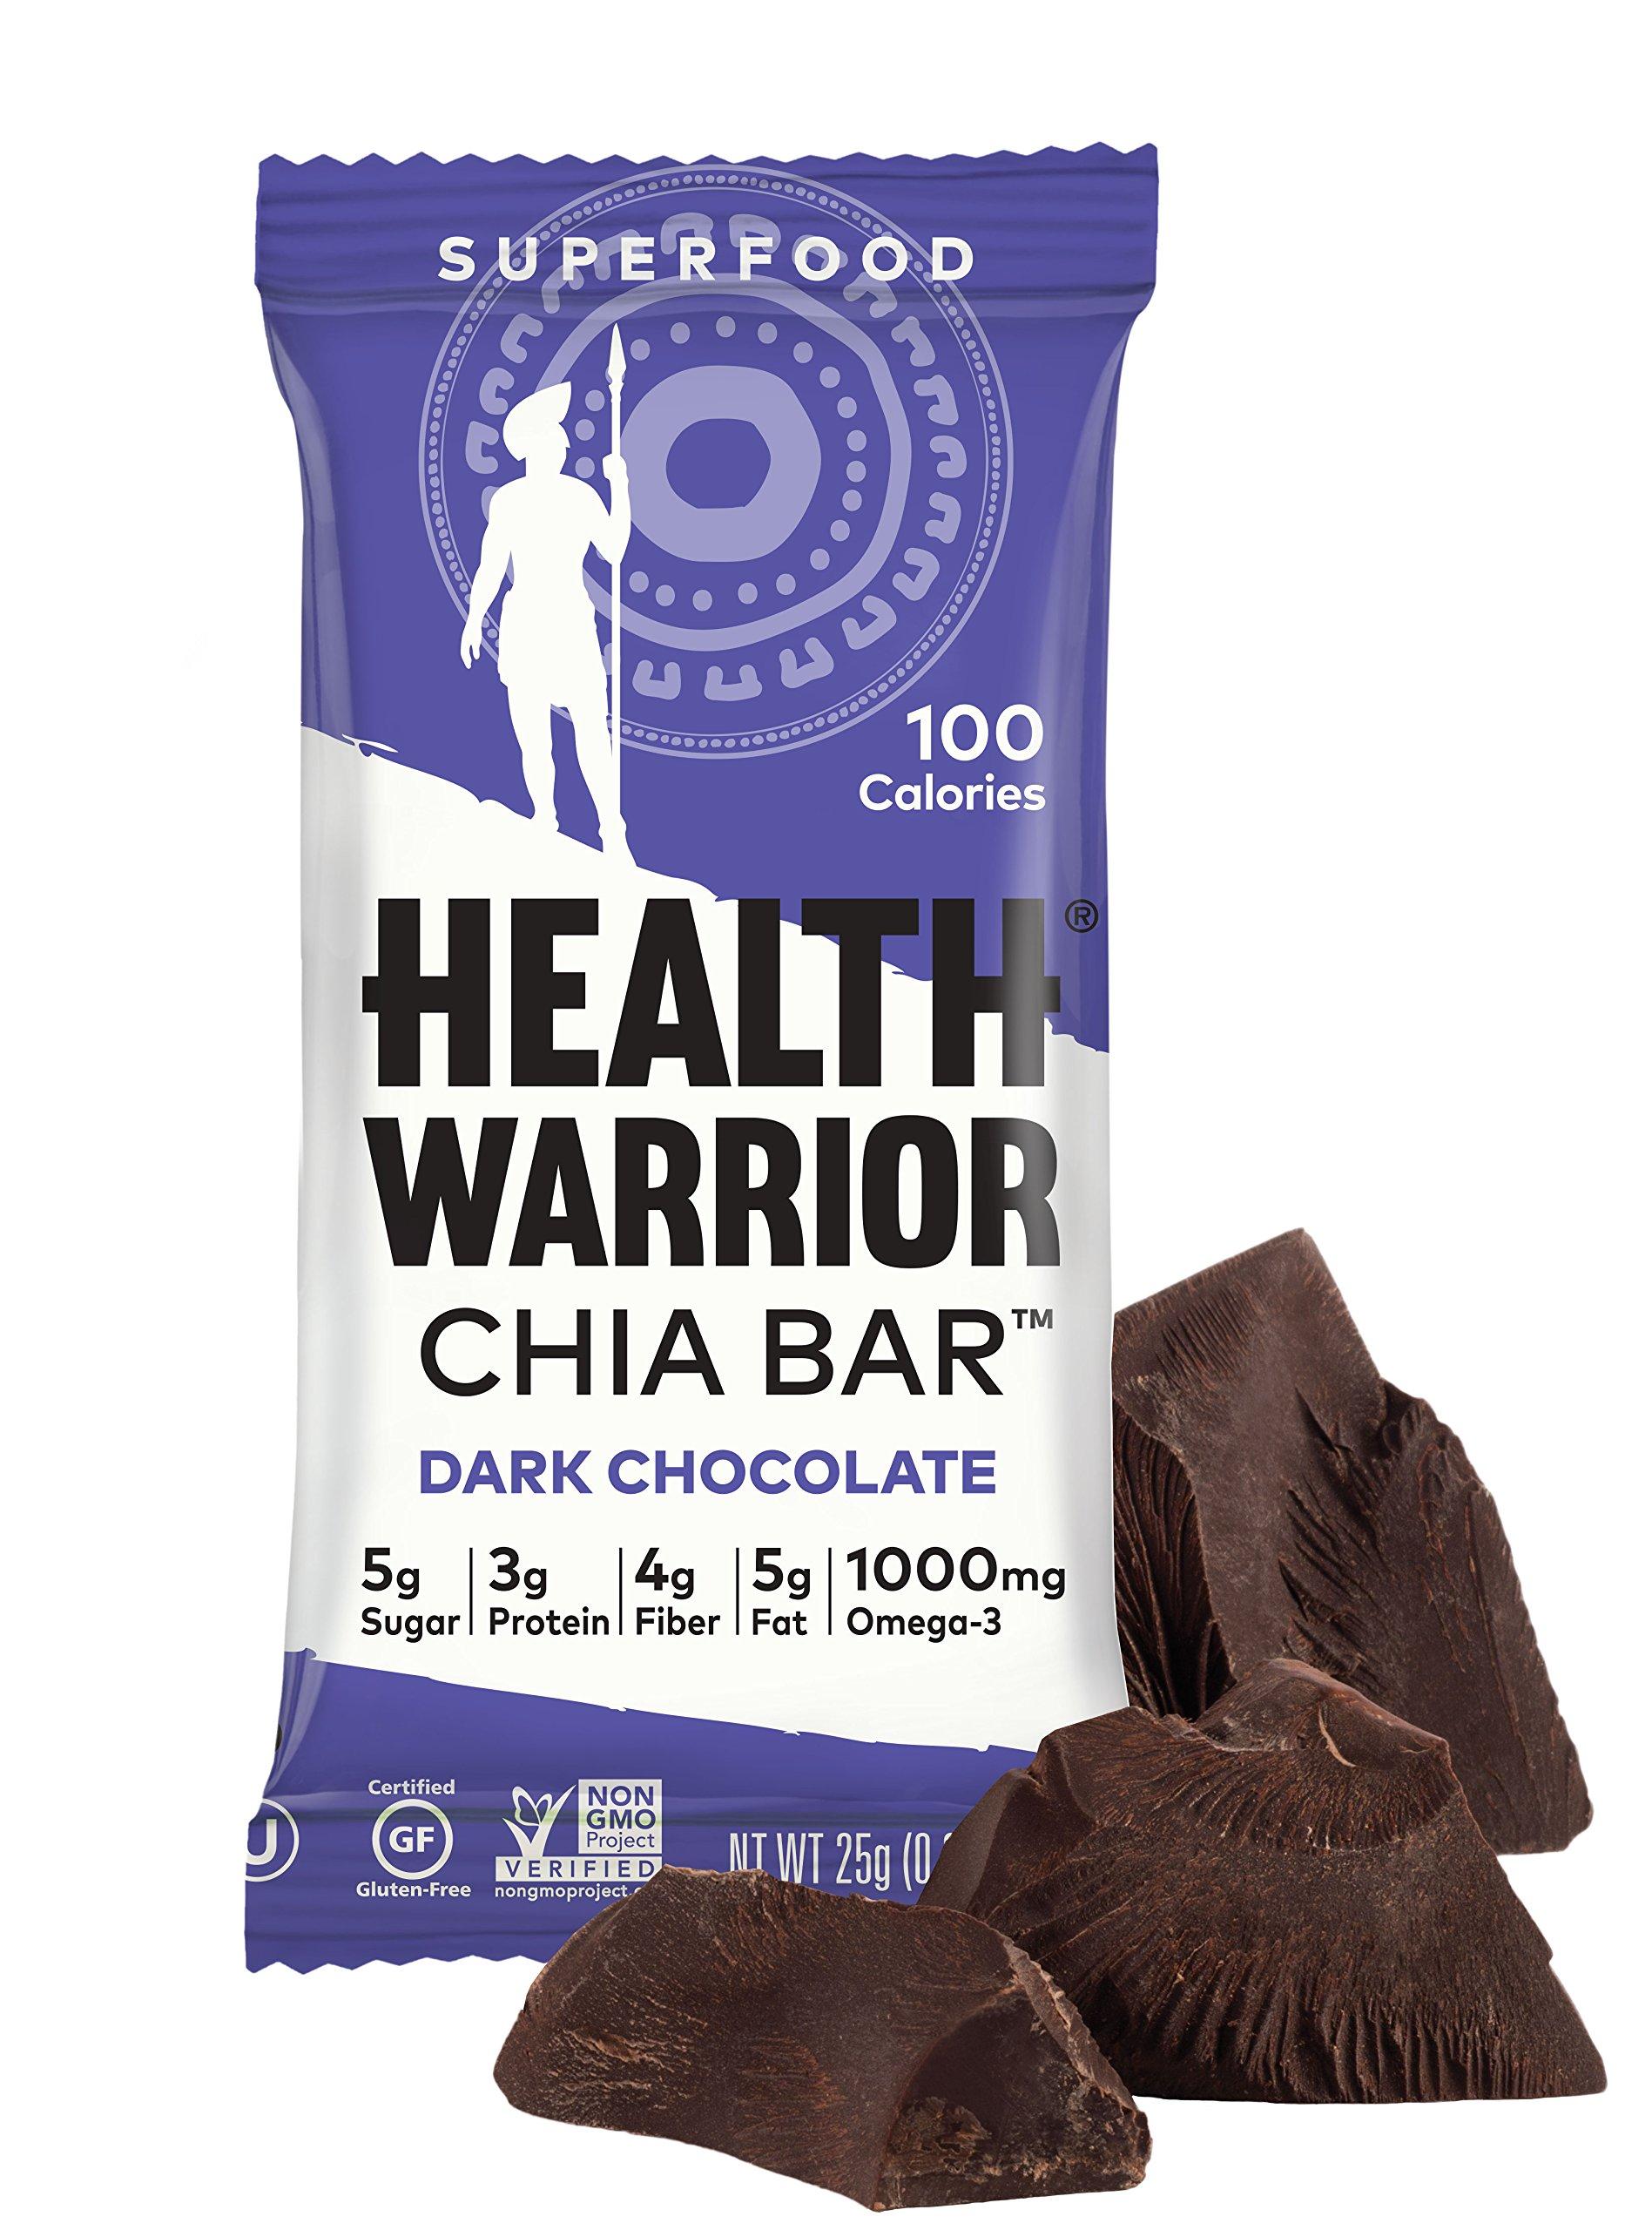 HEALTH WARRIOR Chia Bars, Dark Chocolate, Gluten Free, 25g bars, 15 Count